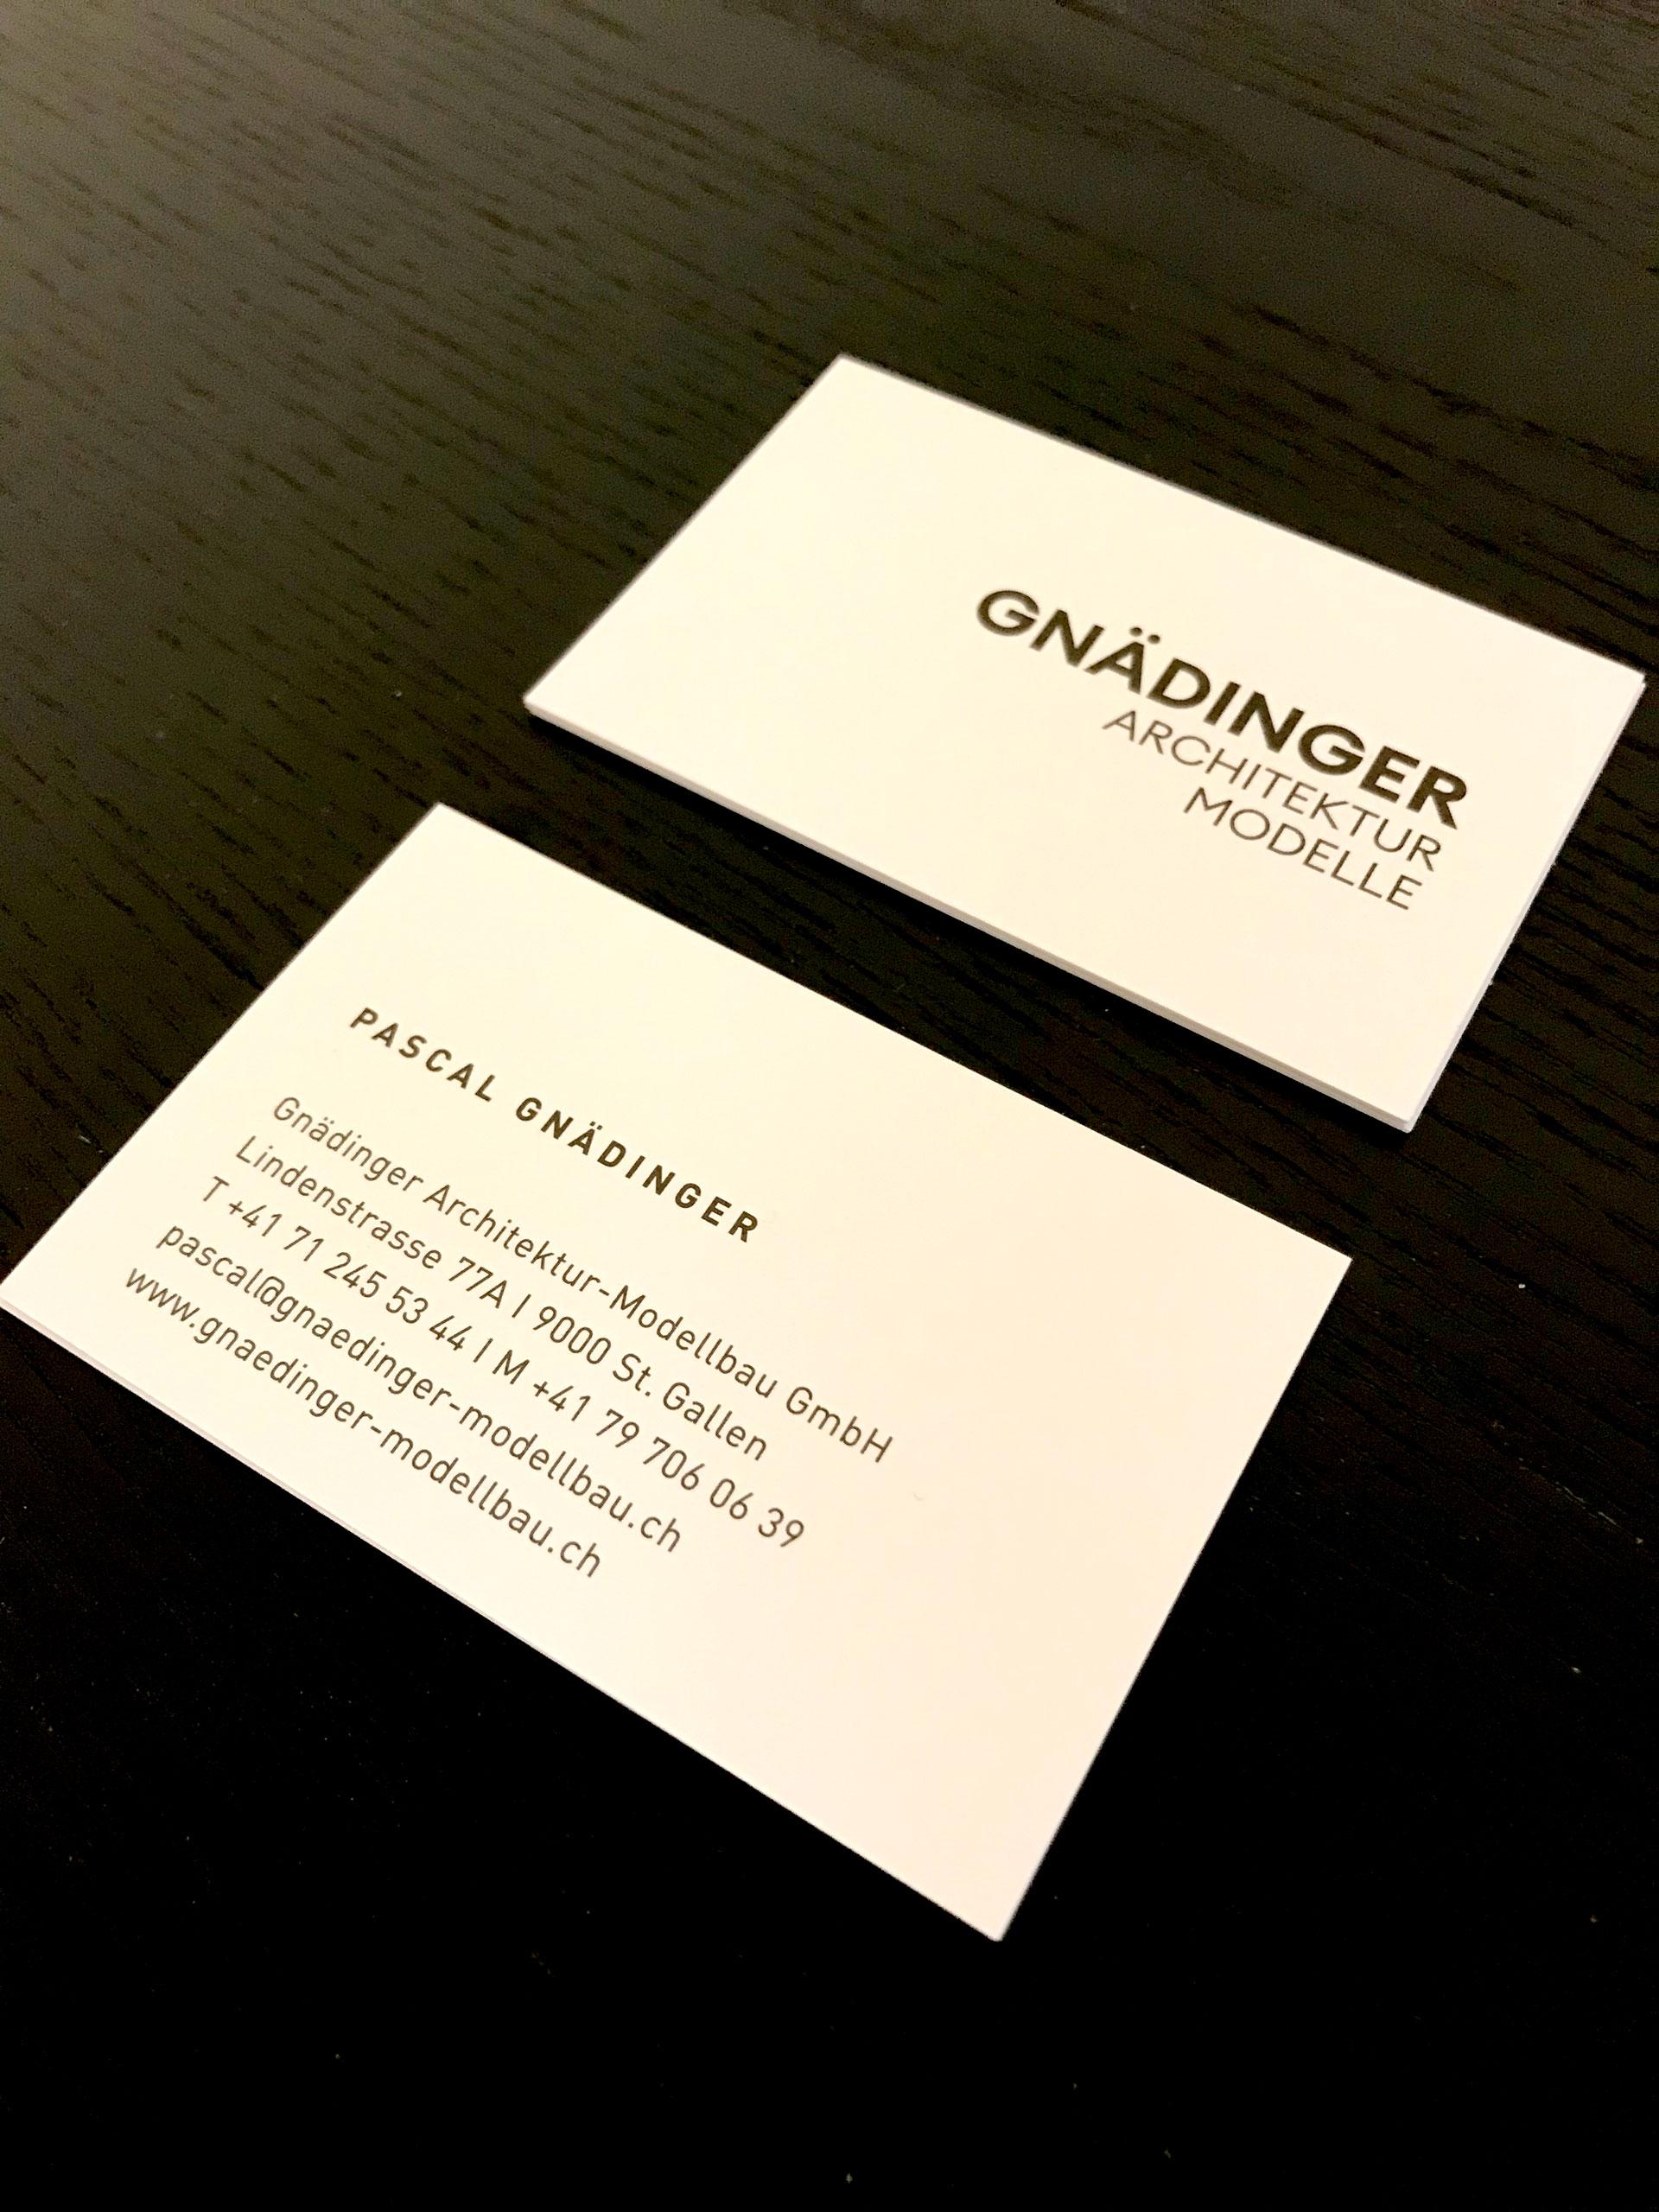 Gnaedinger_Briefschaften03.jpg